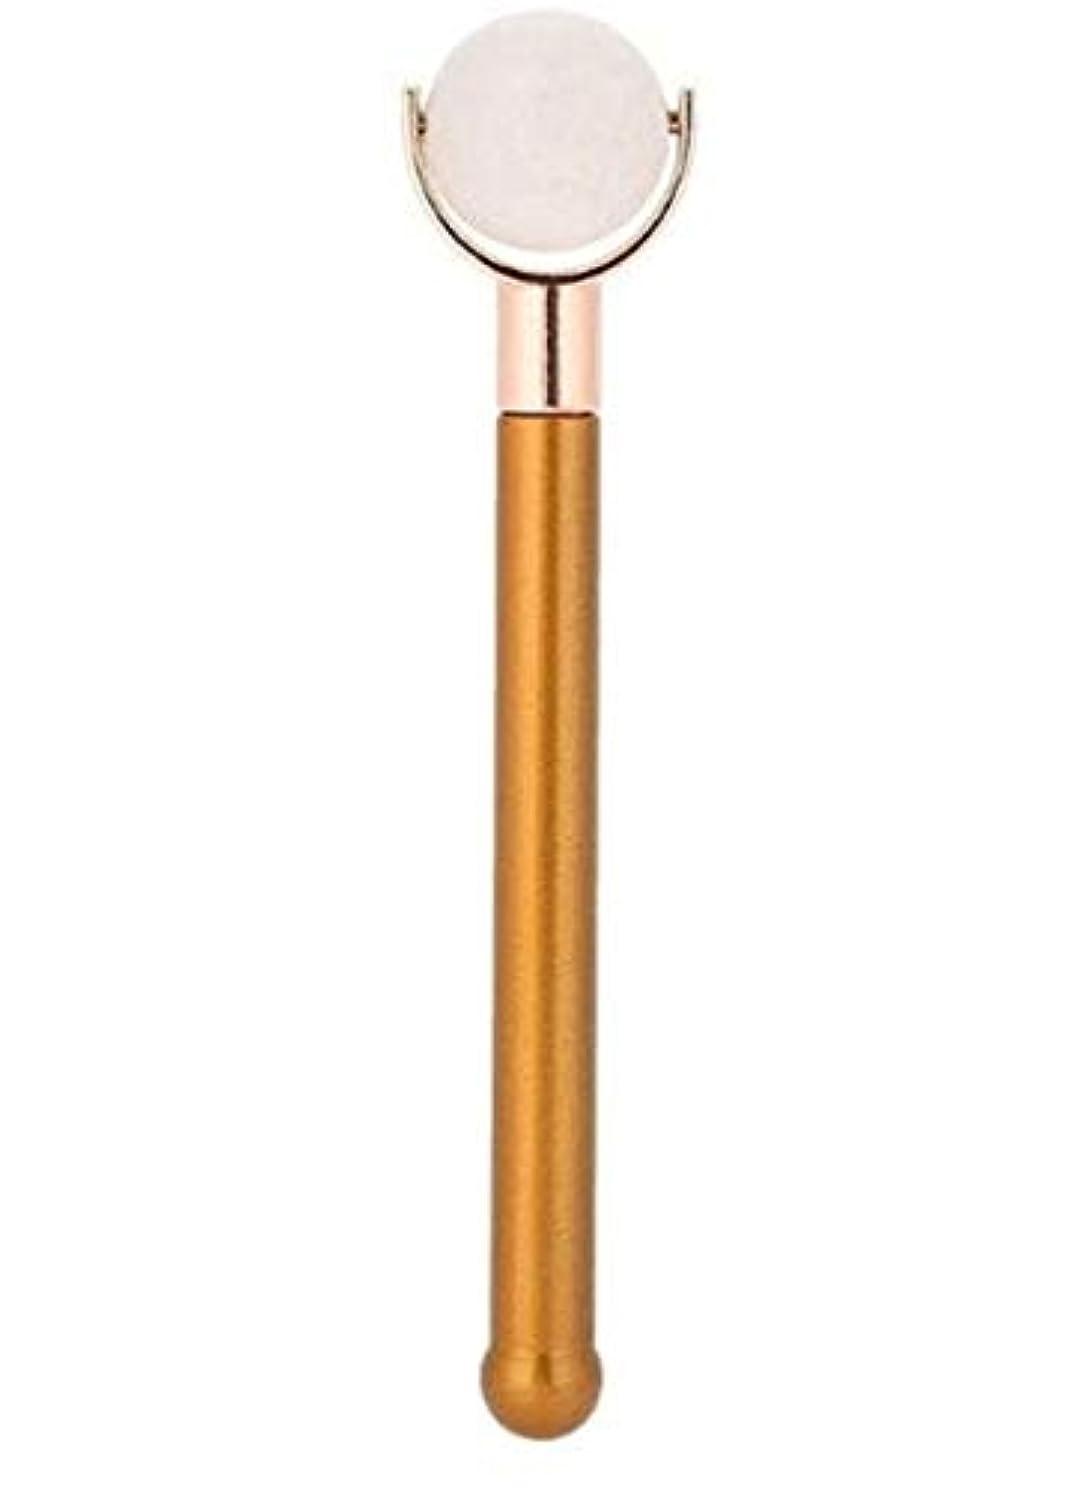 嘆く新着相対的Echo & Kern 翡翠フェイスローラー顔用翡翠ローラー Durable Jade Purple Roller metal handle Spa Acupunture Massage tool (白いジェイド)